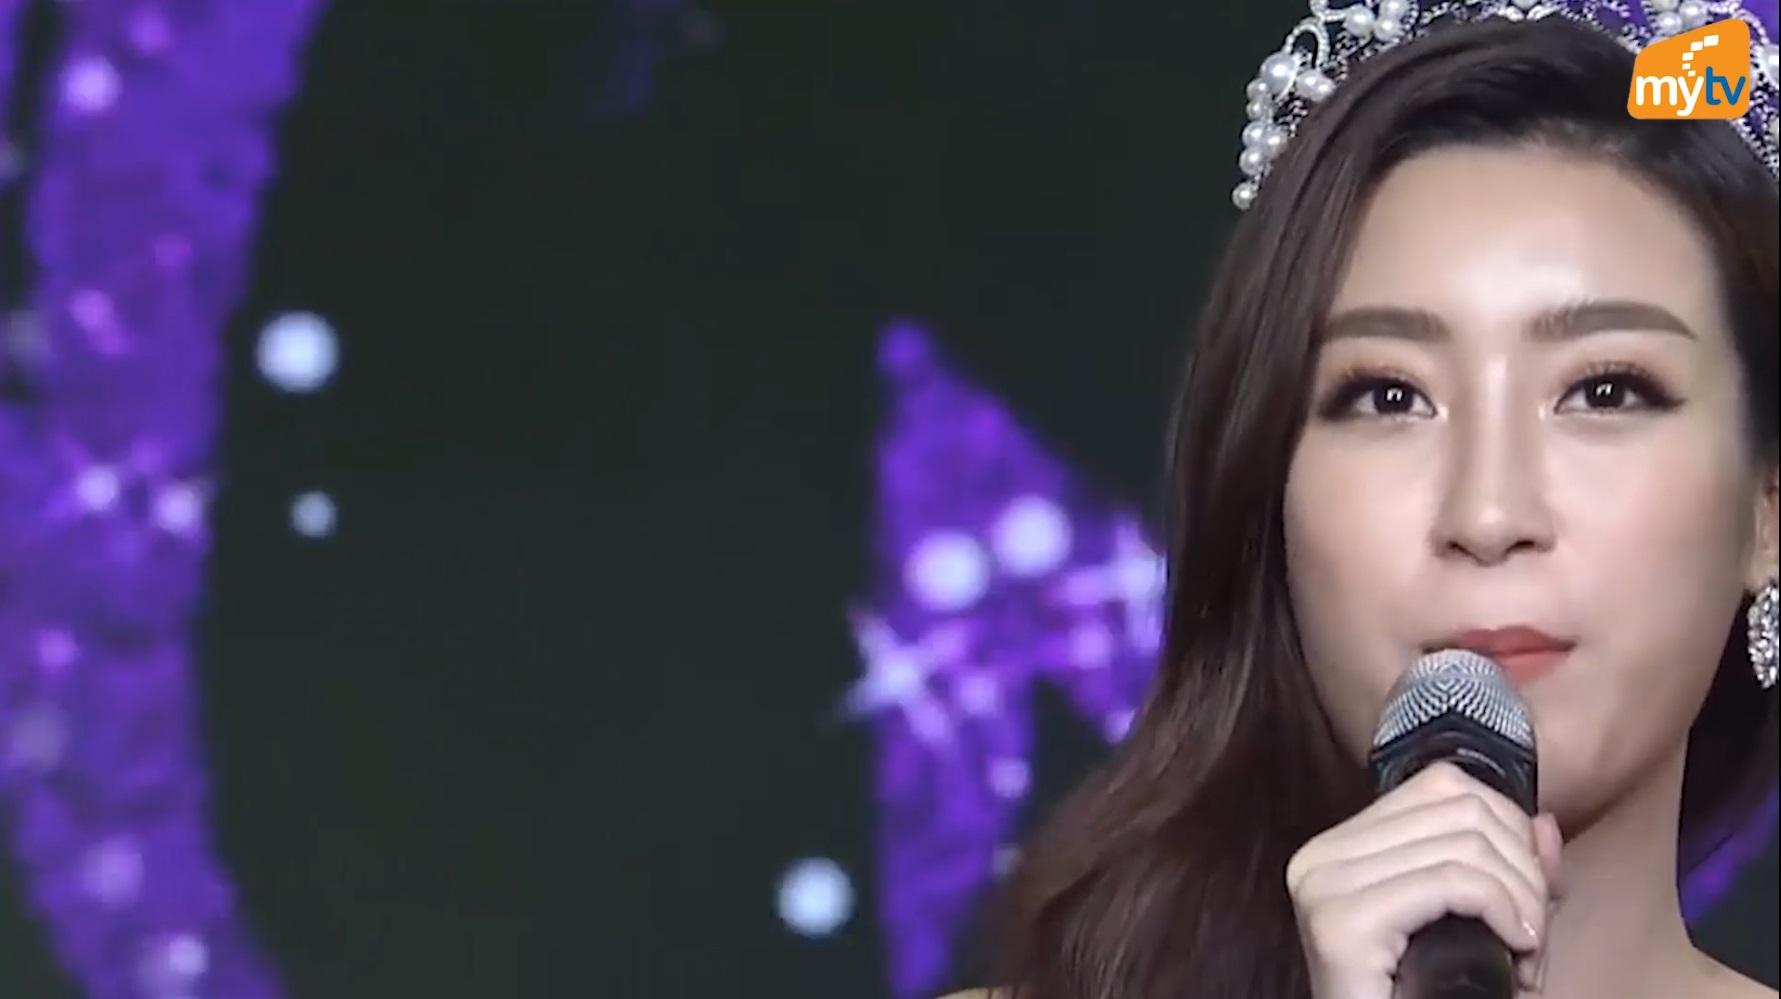 Hoa hậu Đỗ Mỹ Linh tạm dừng công việc tại Đài Truyền hình